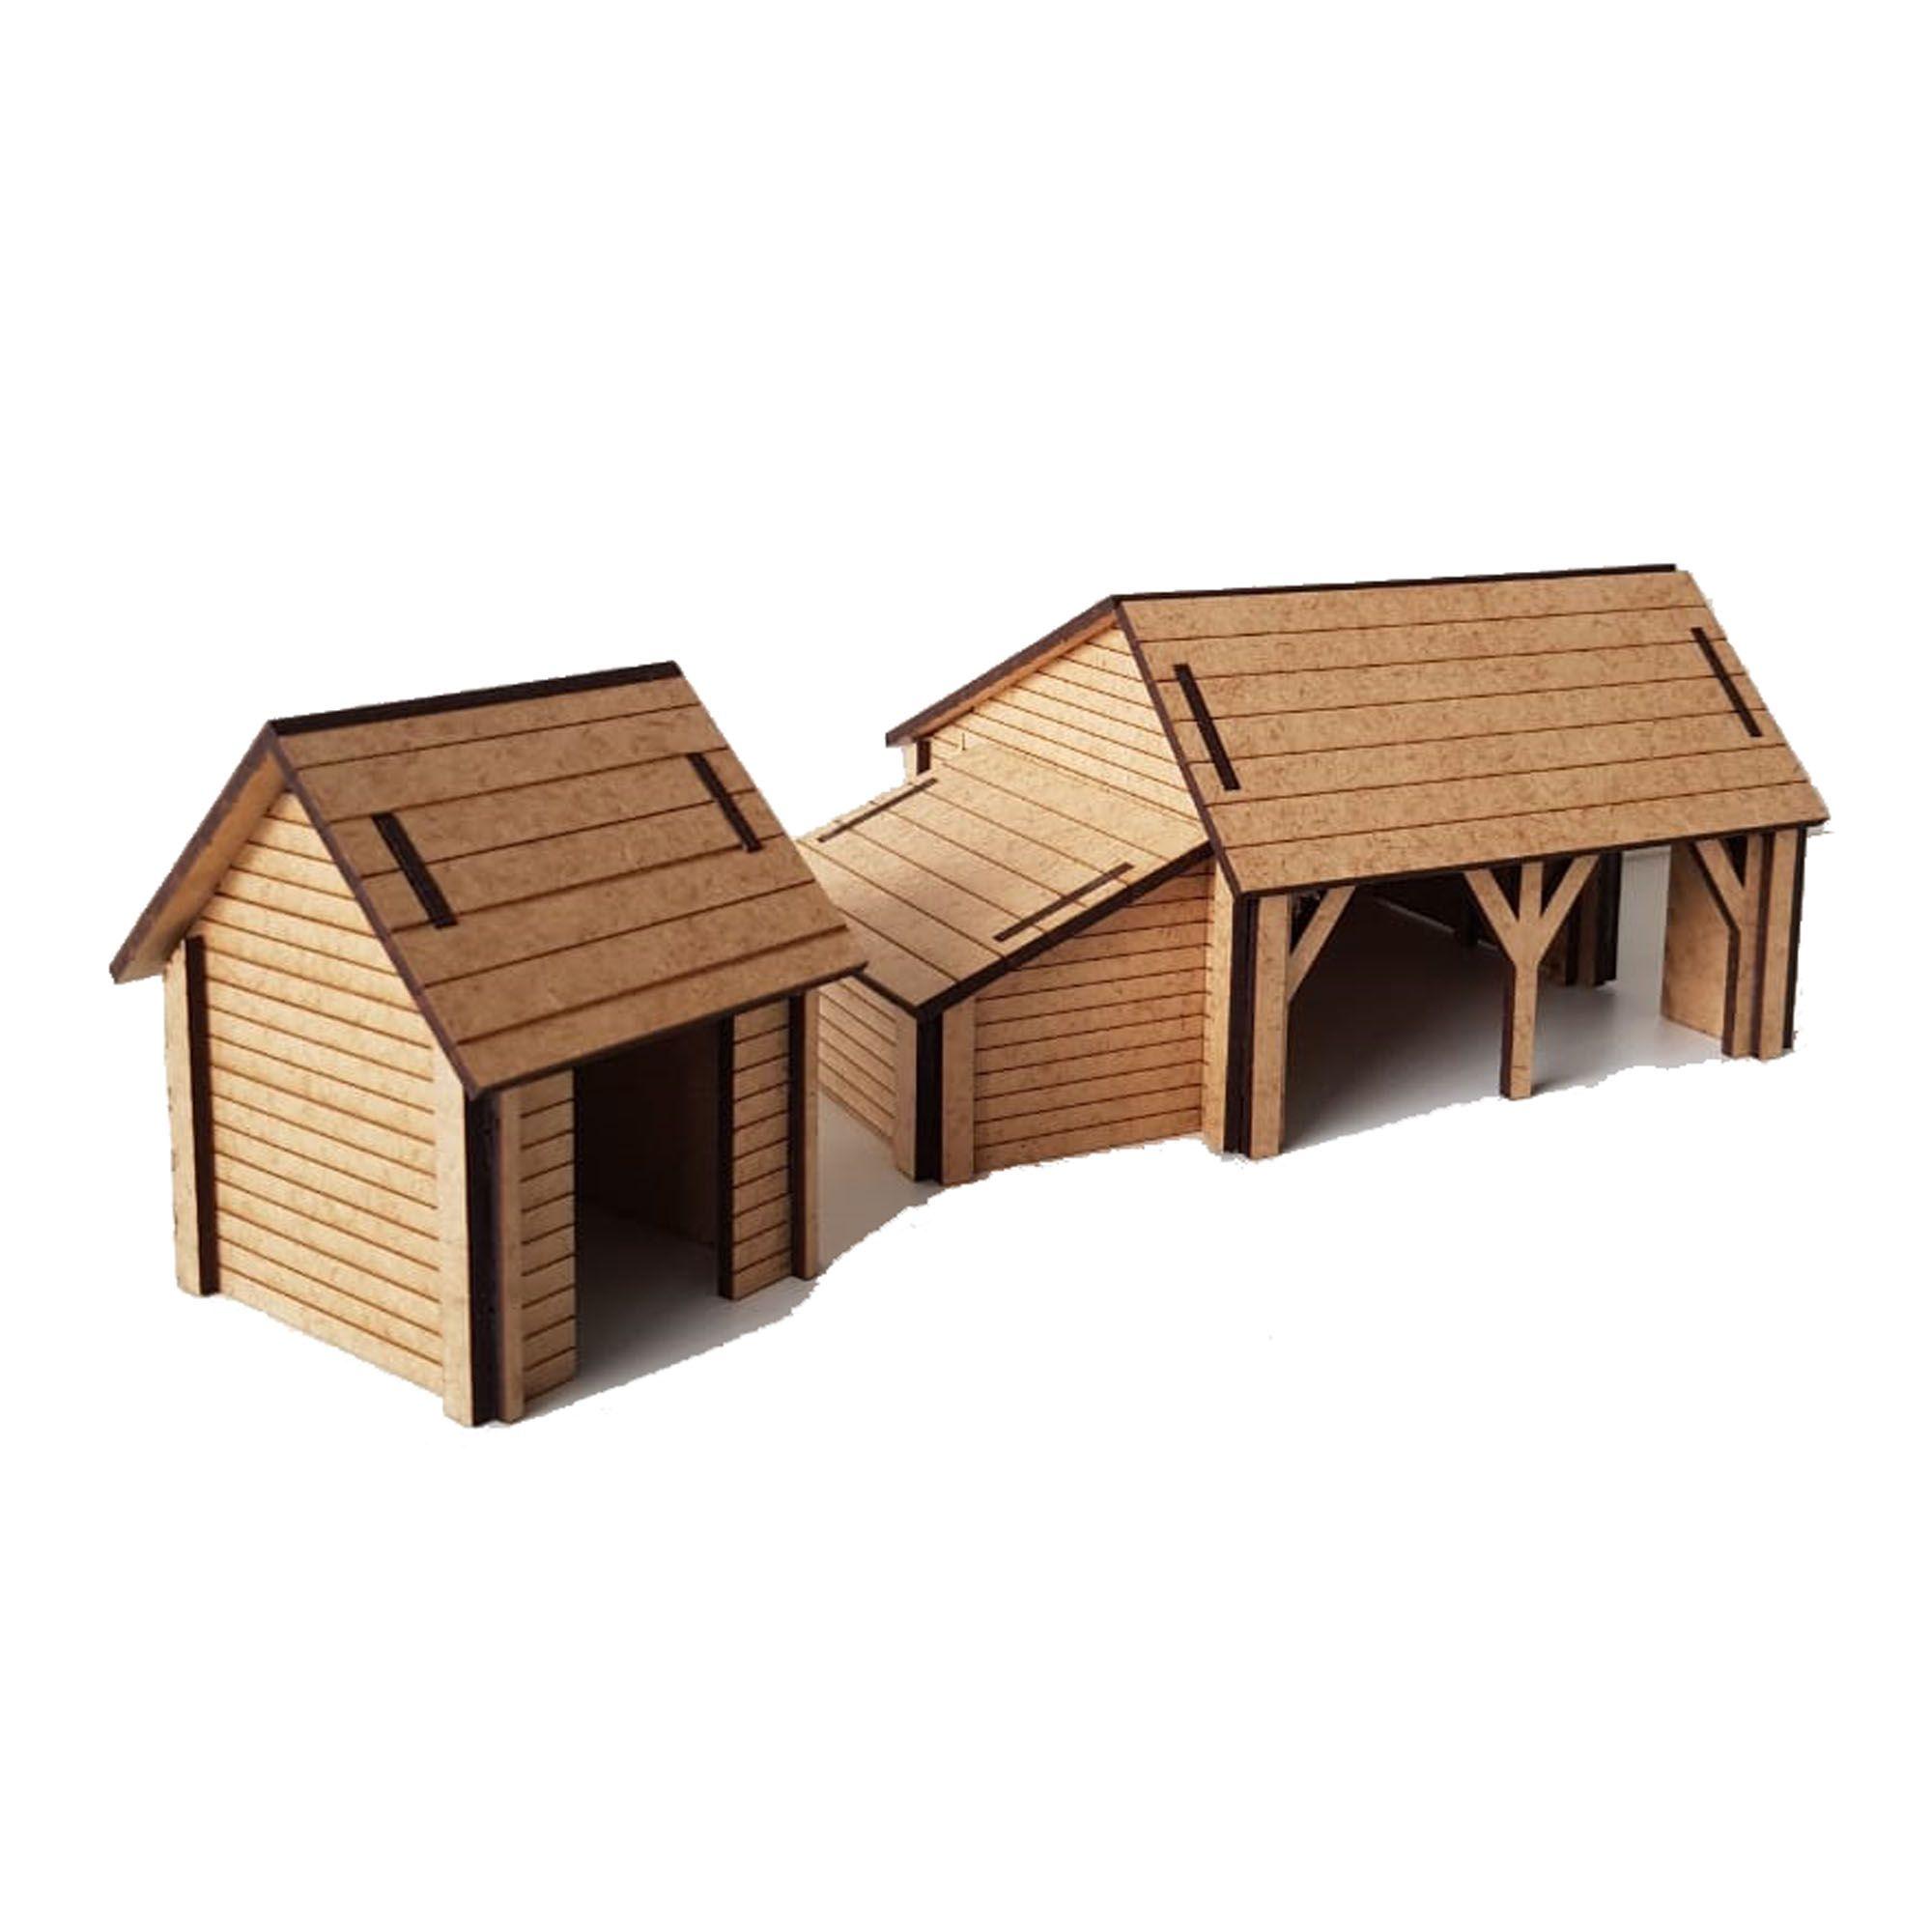 Fazendinha F01 - Acompanha: celeiro, estábulo, galinheiro e garagem. MDF 3mm